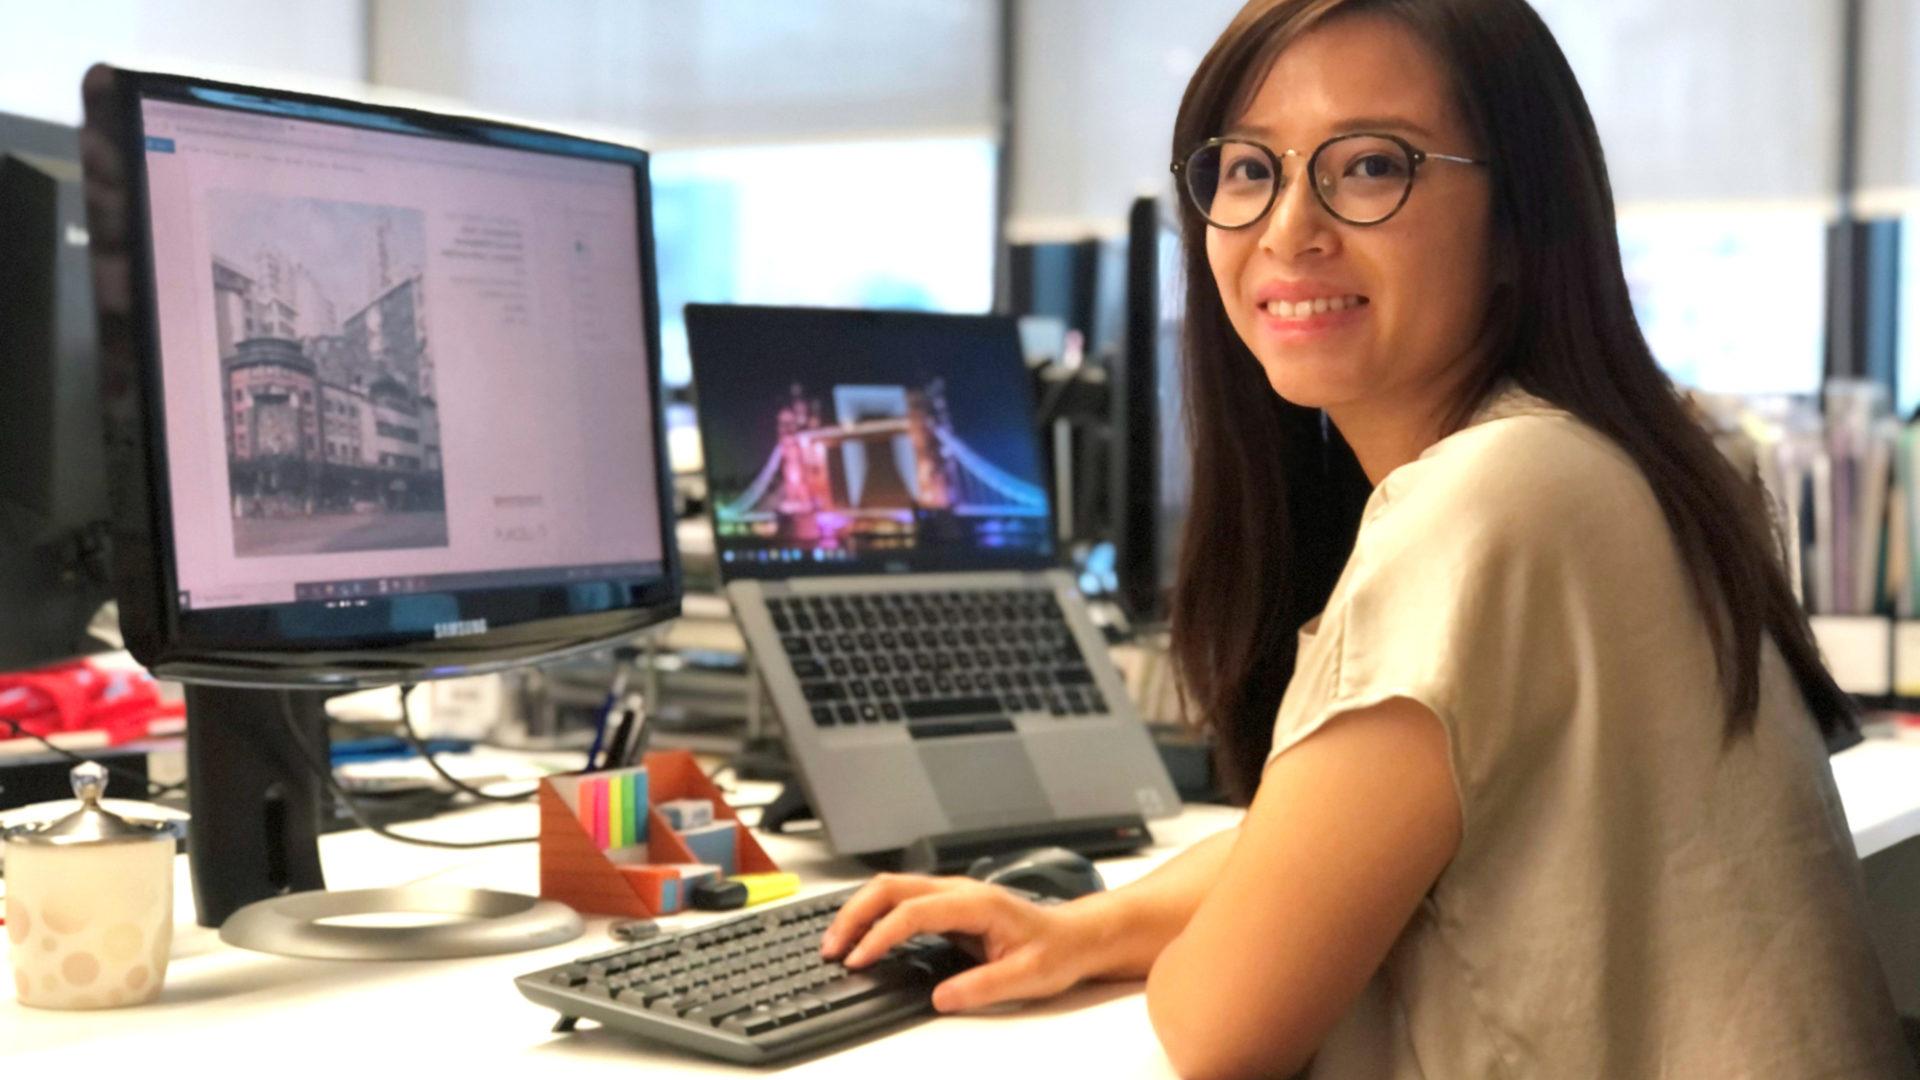 Theresa Chan